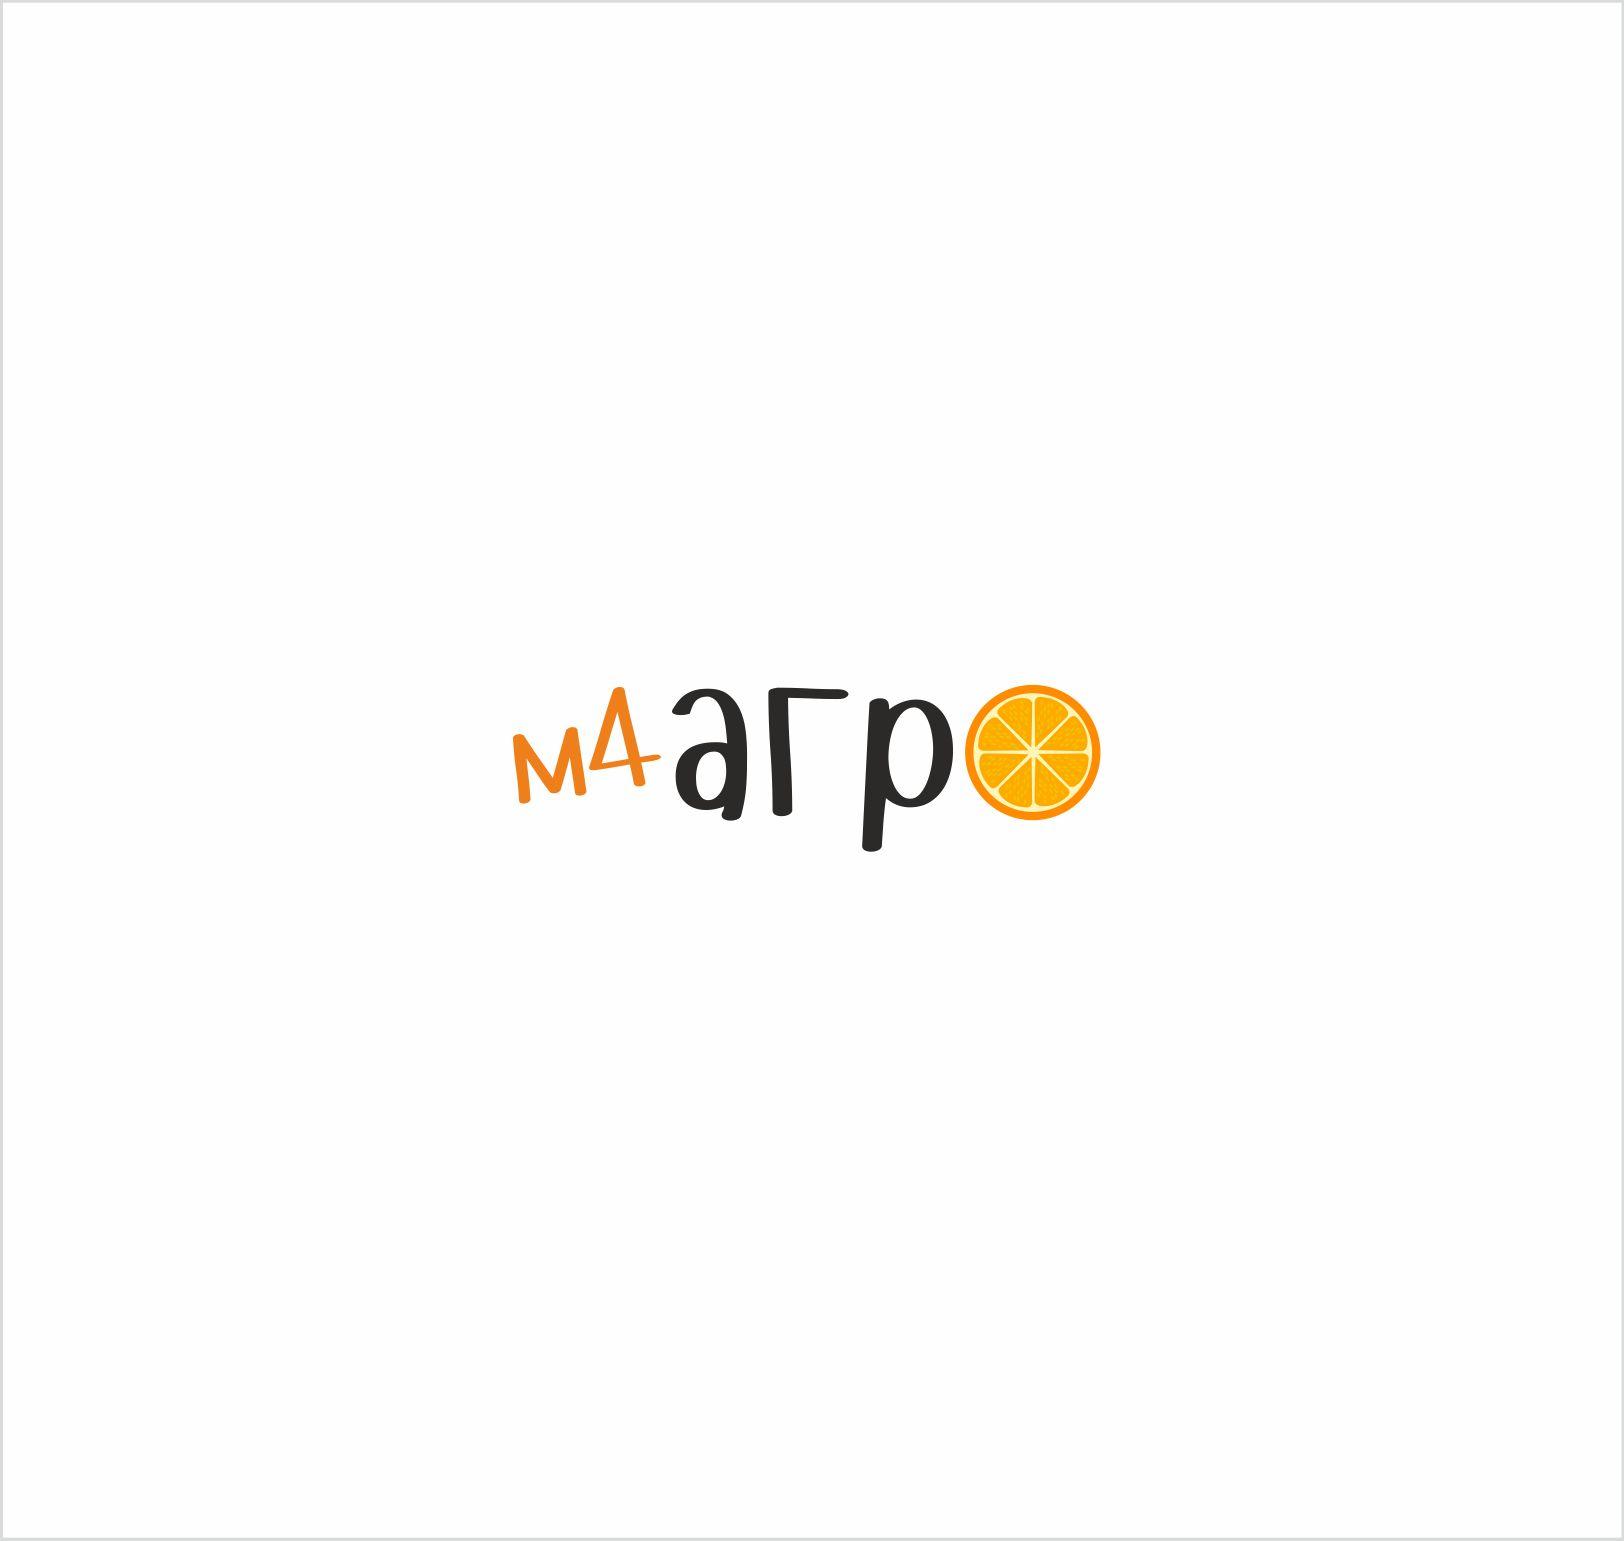 Логотип для M4 АГРО - Российские фрукты - дизайнер W91I